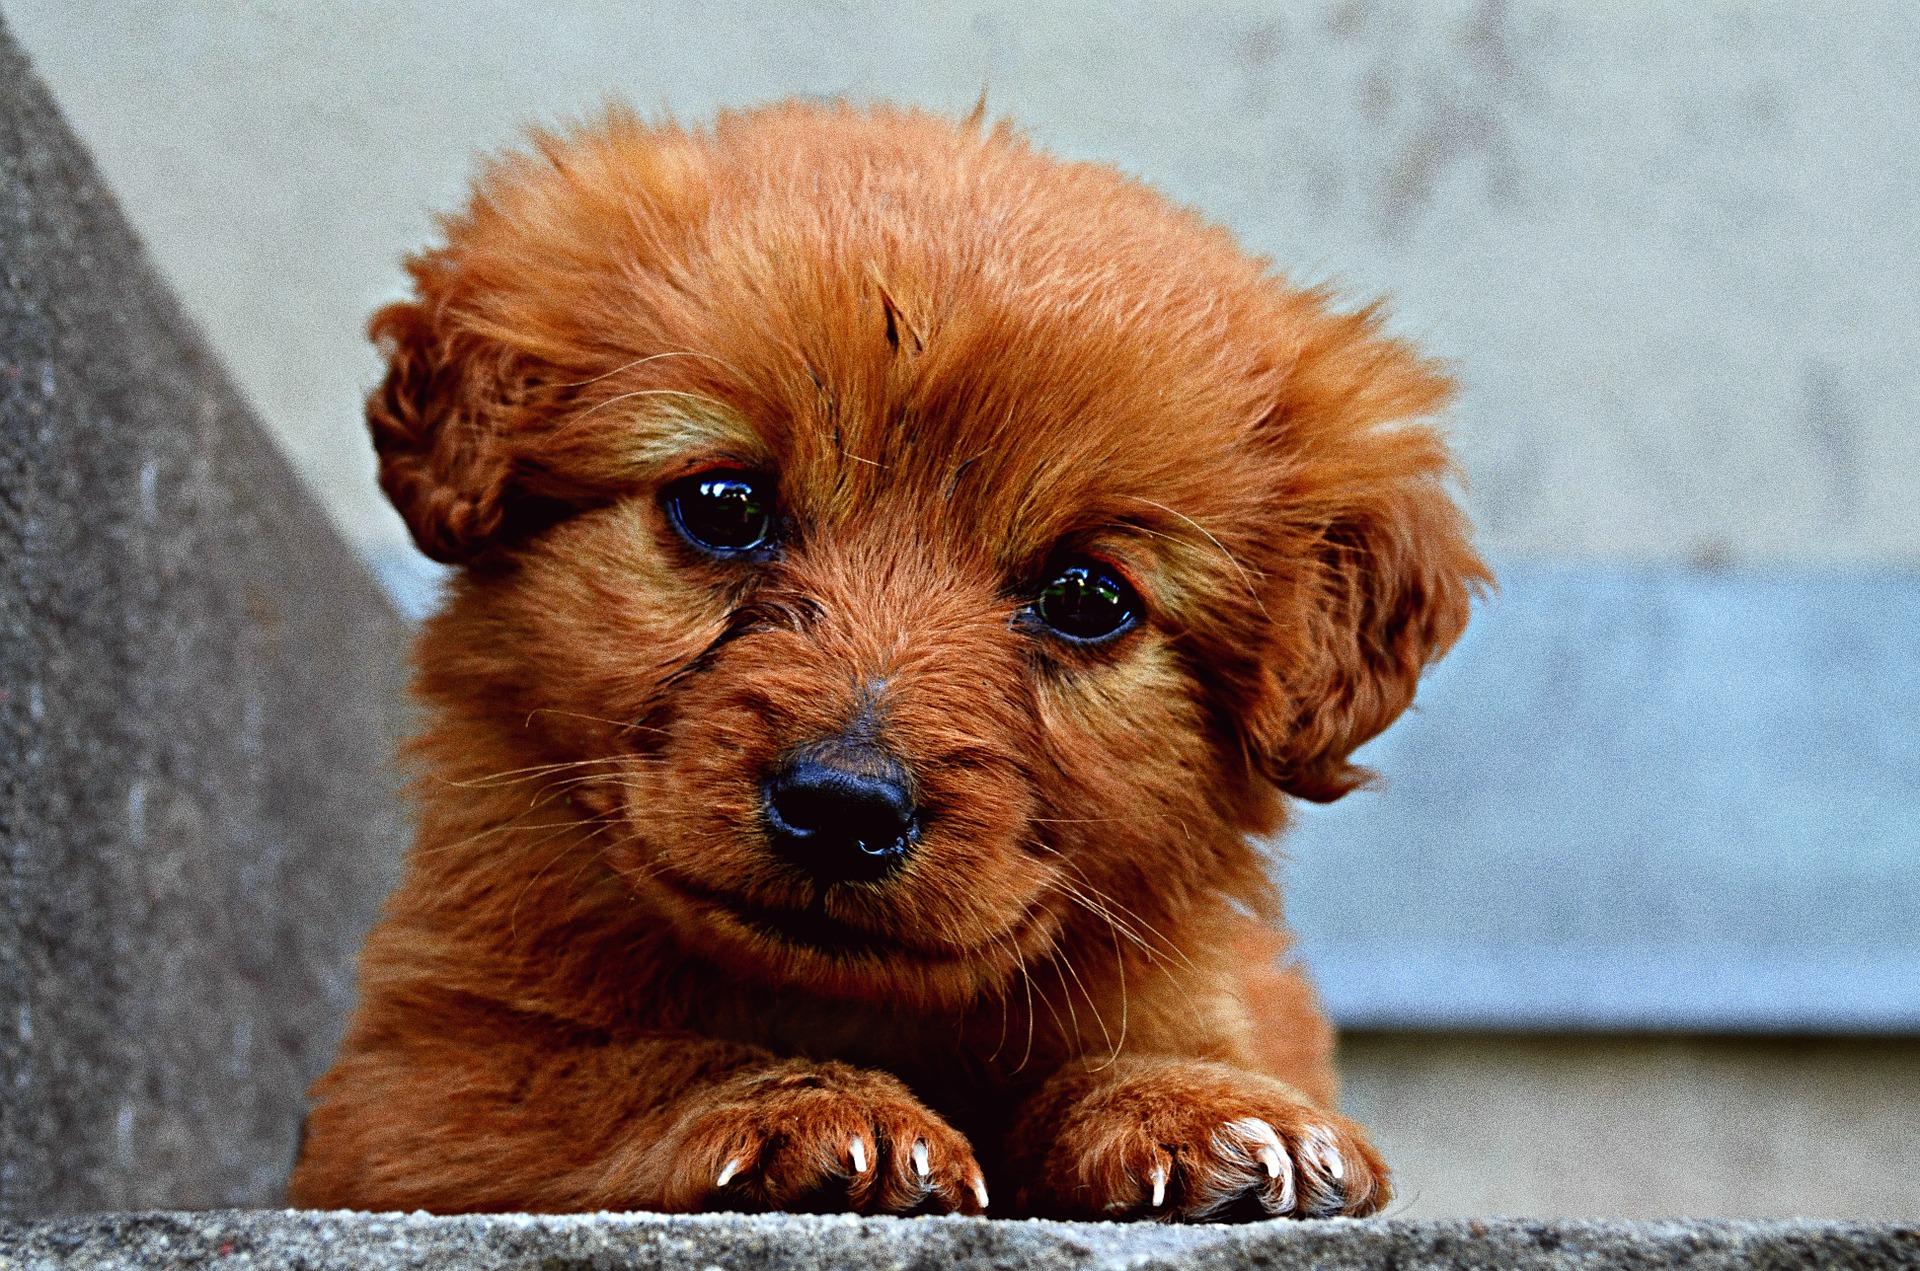 alimentación para cachorros - kiwoko libertad